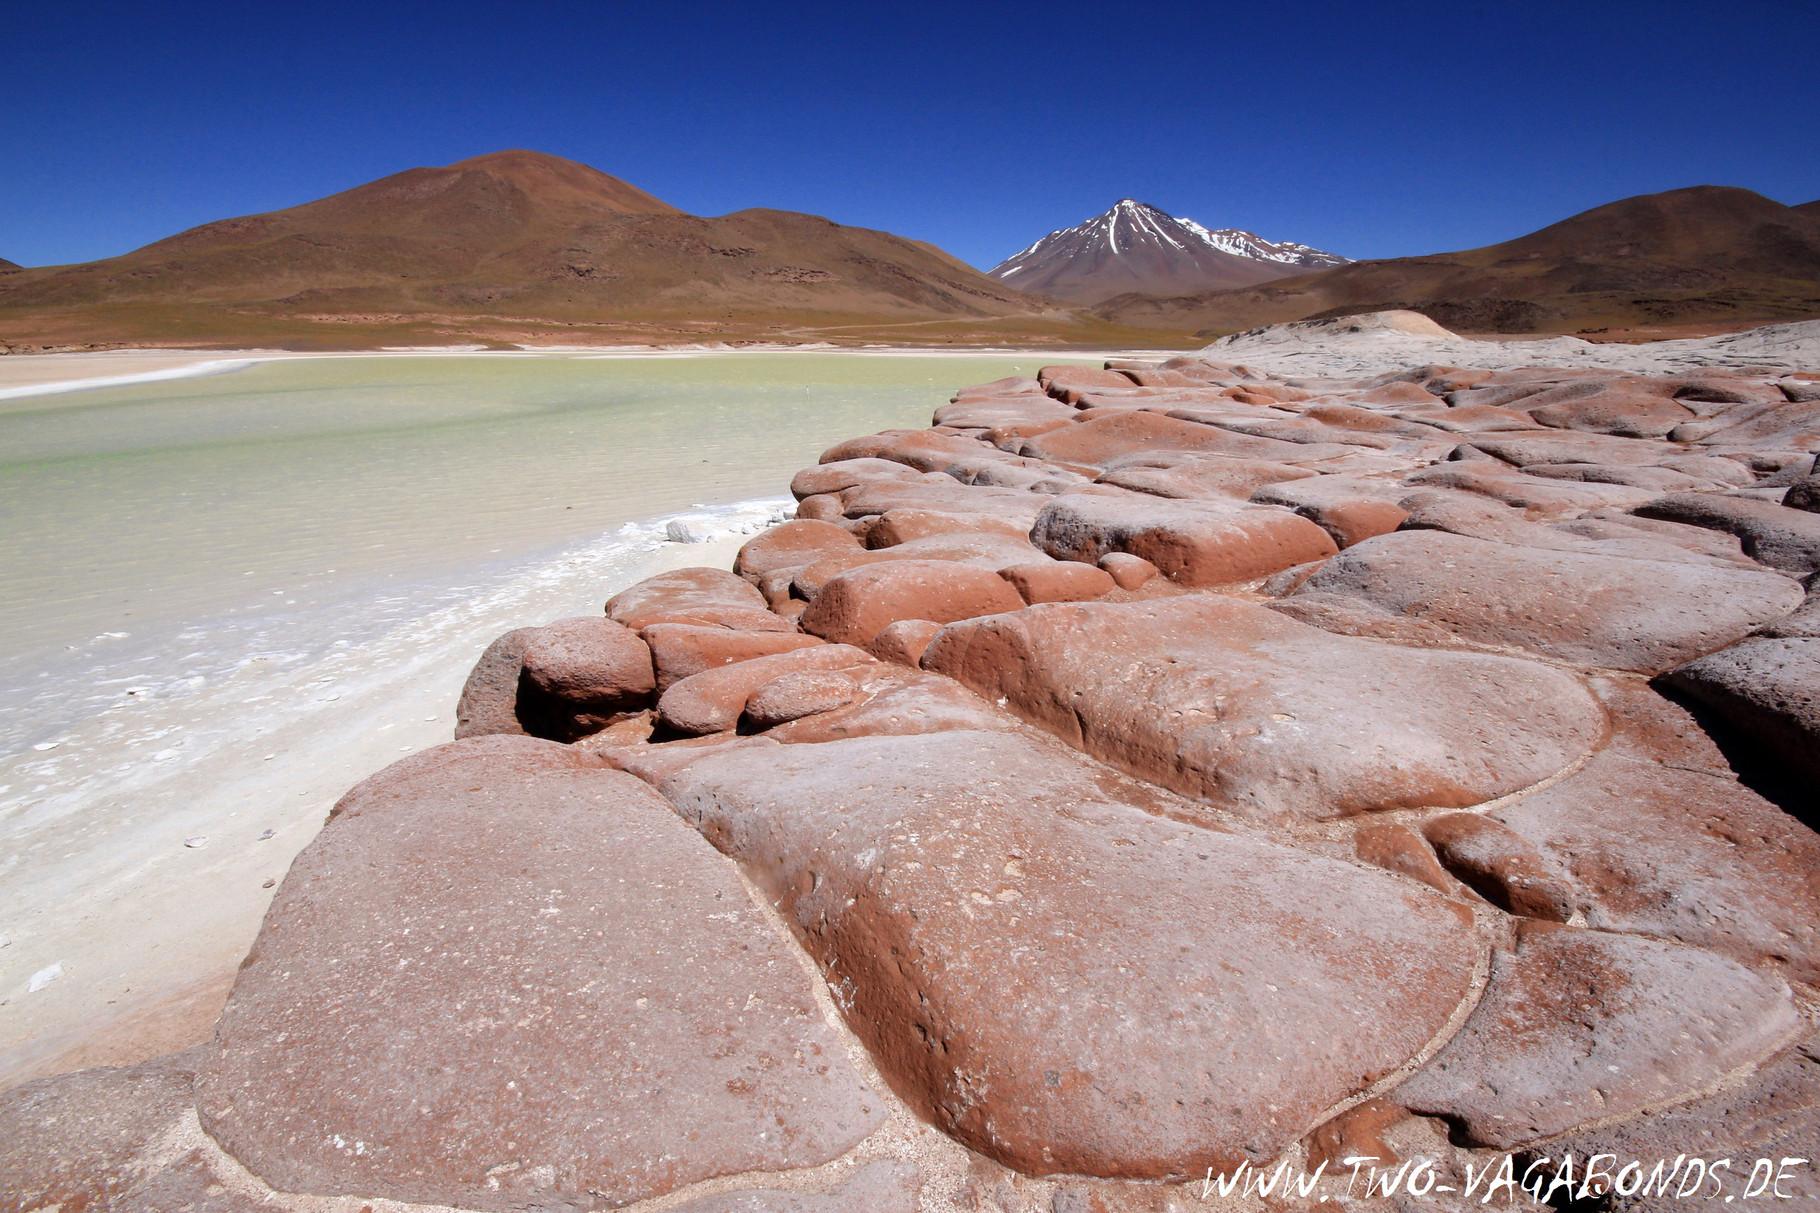 CHILE 2015 - PIEDRAS ROJAS